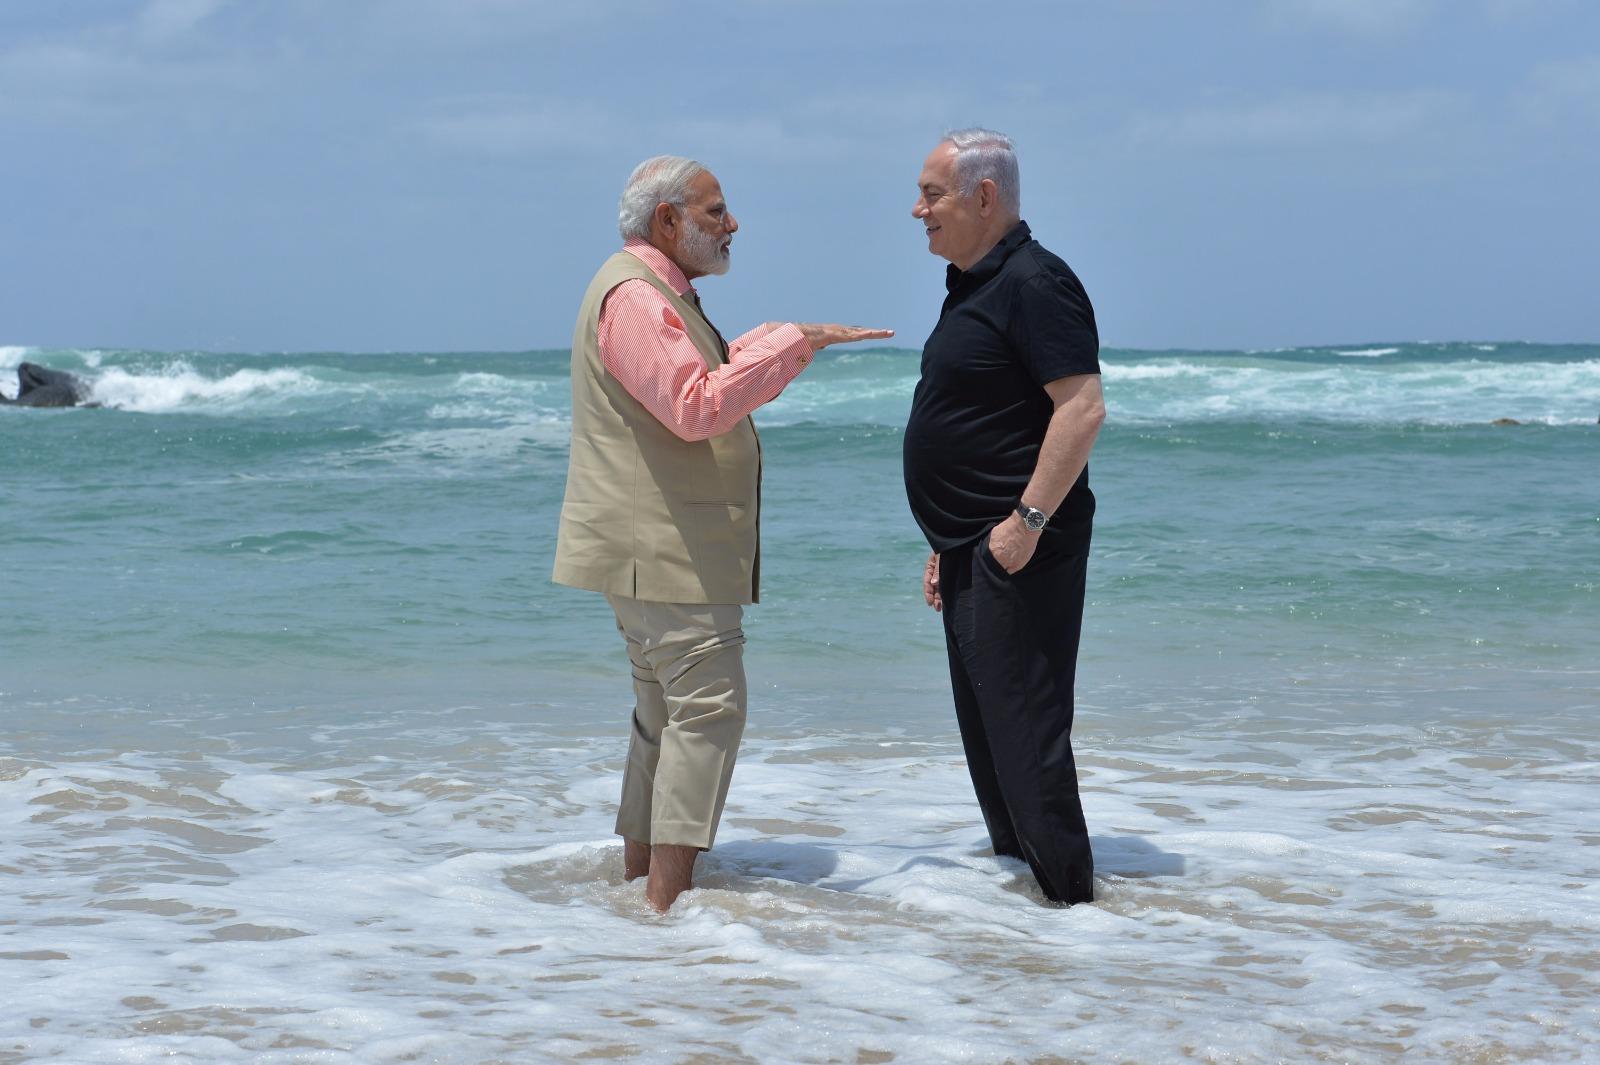 צפו: נתניהו ומודי שכשכו רגליים בחוף אולגה